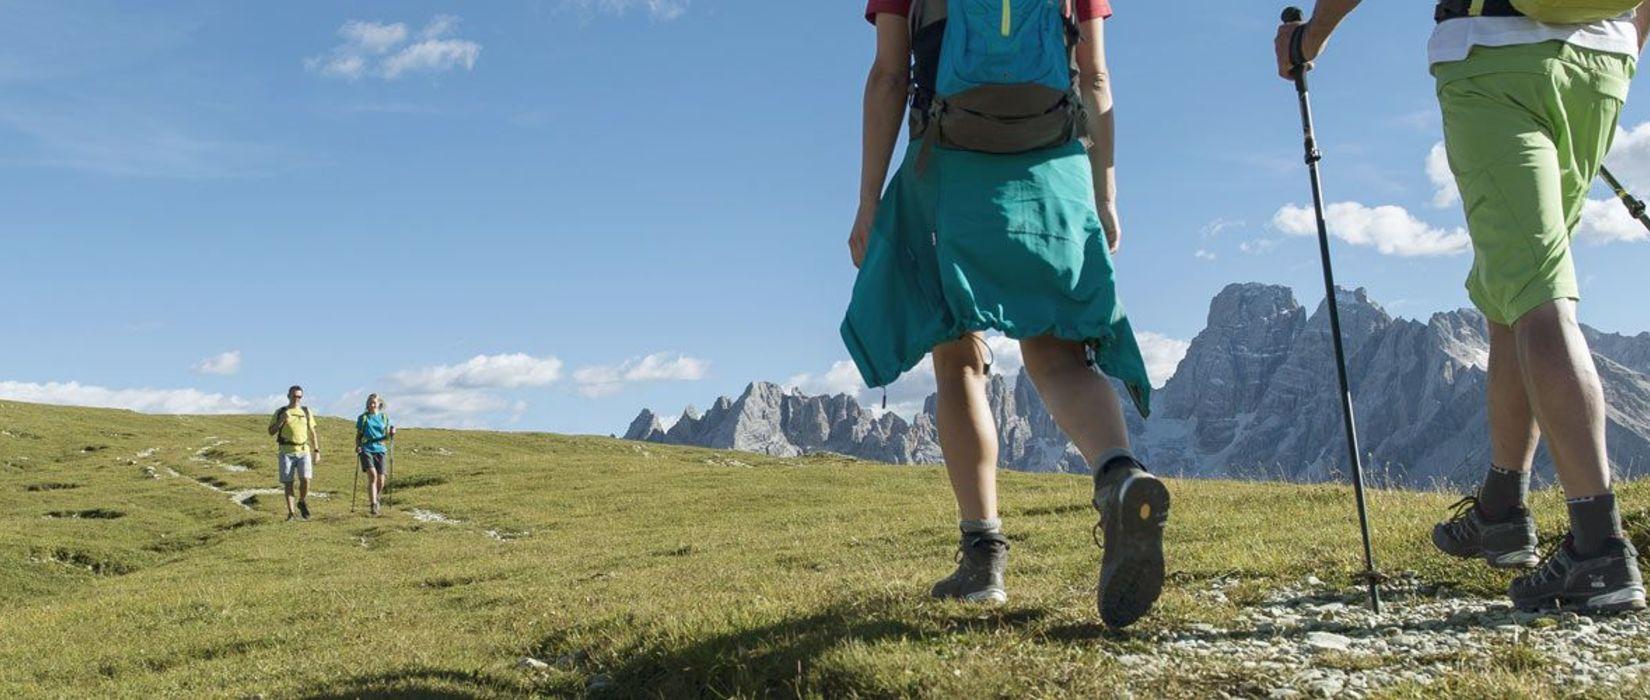 Kopie von Kopie von Time for a Summer Holiday in South Tyrol